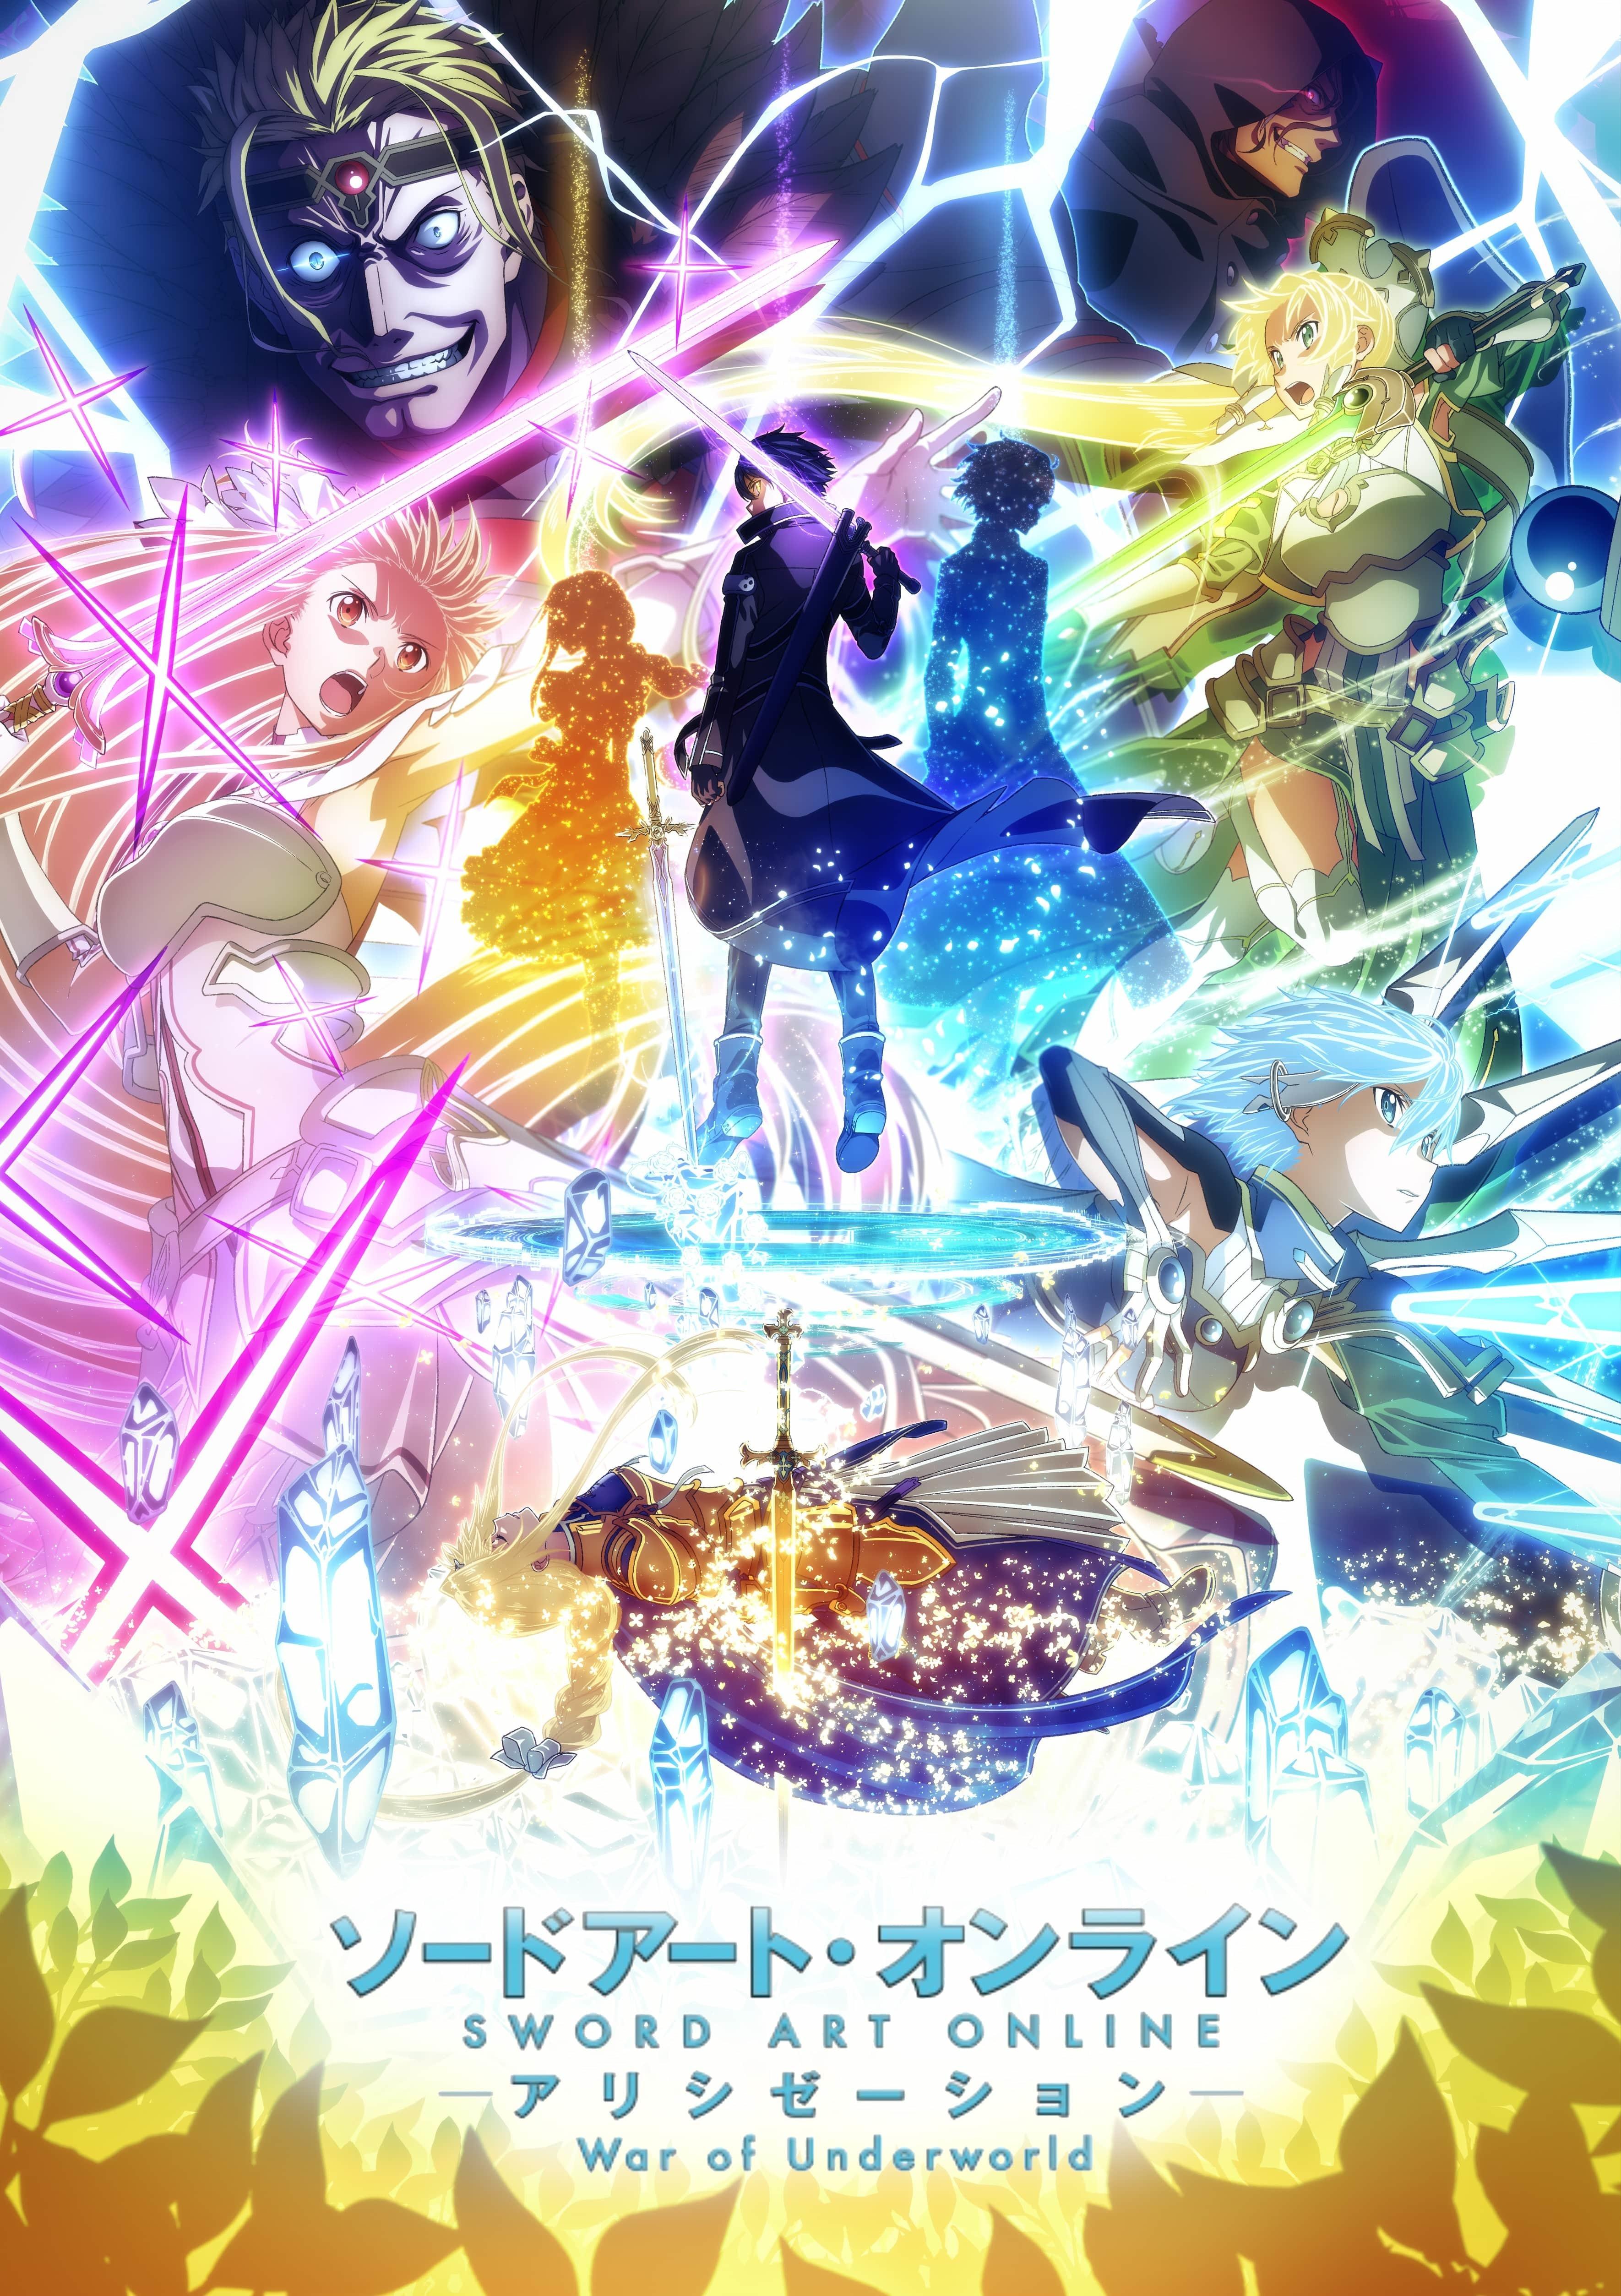 アニメ『SAO アリシゼーション War of Underworld』2ndクール (C)2017 川原 礫/KADOKAWA アスキー・メディアワークス/SAO-A Project